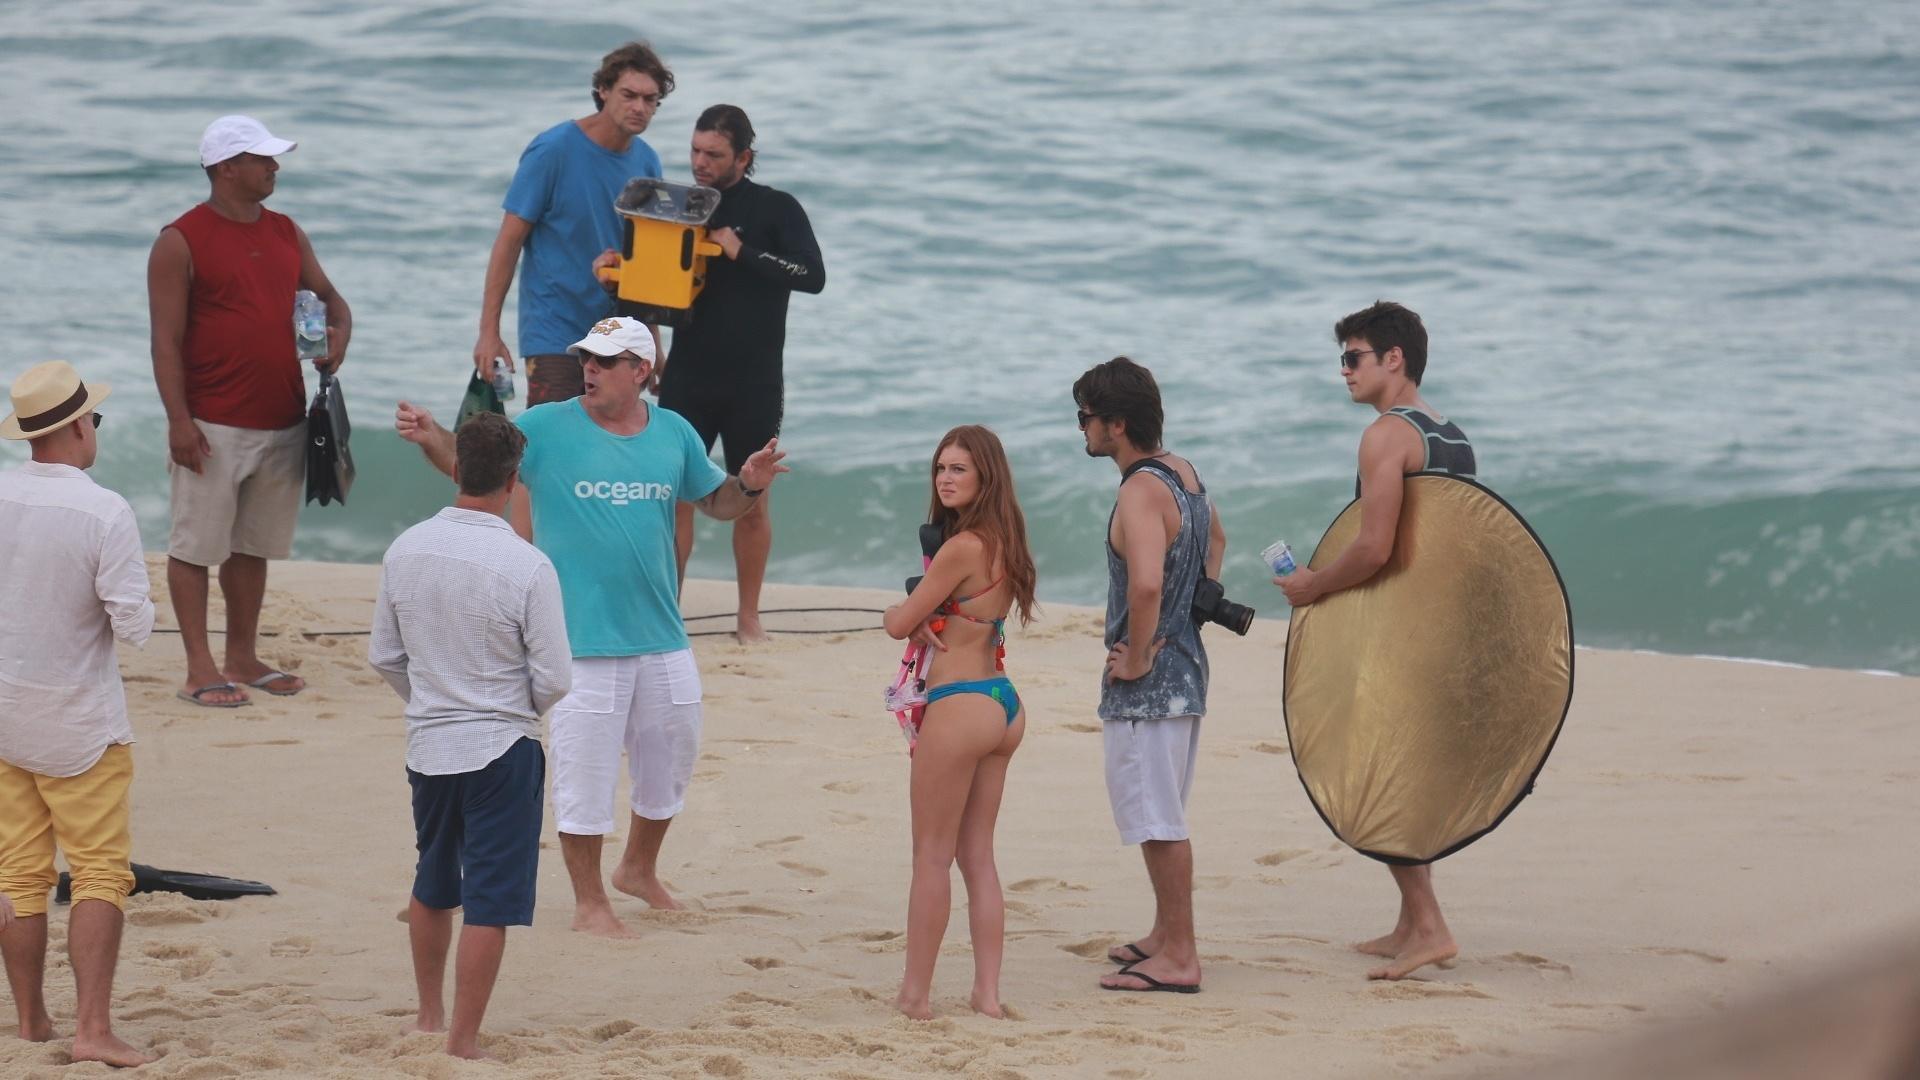 17.fev.2016 - Marina Ruy Barbosa foi clicada de biquíni pelo paparazzo enquanto gravava cenas da novela